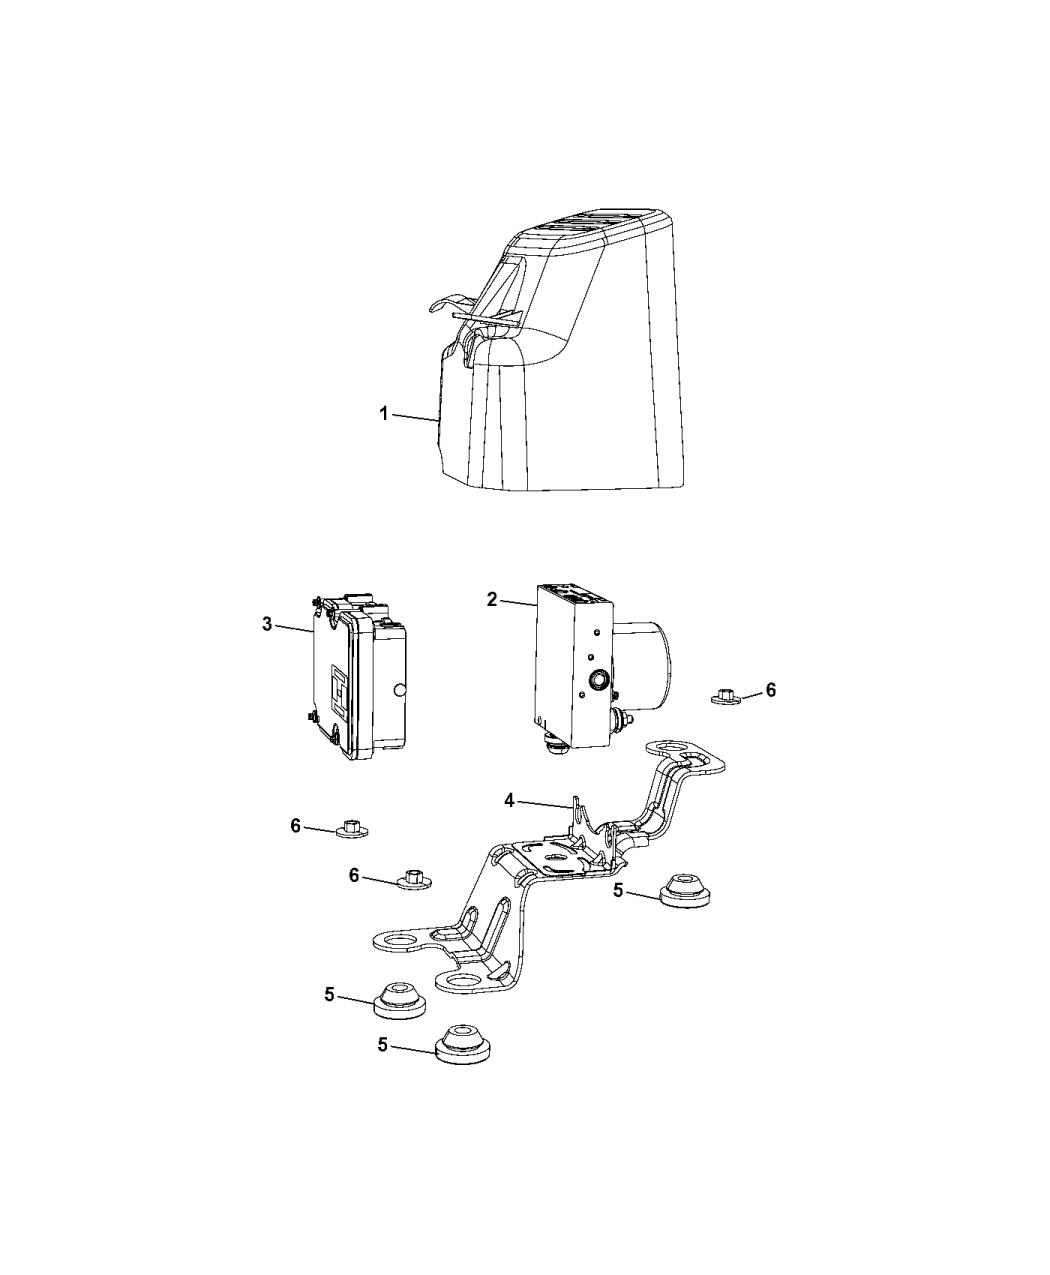 2017 Chrysler Pacifica Module Anti Lock Braking 2006 Window Switch Wiring Diagram